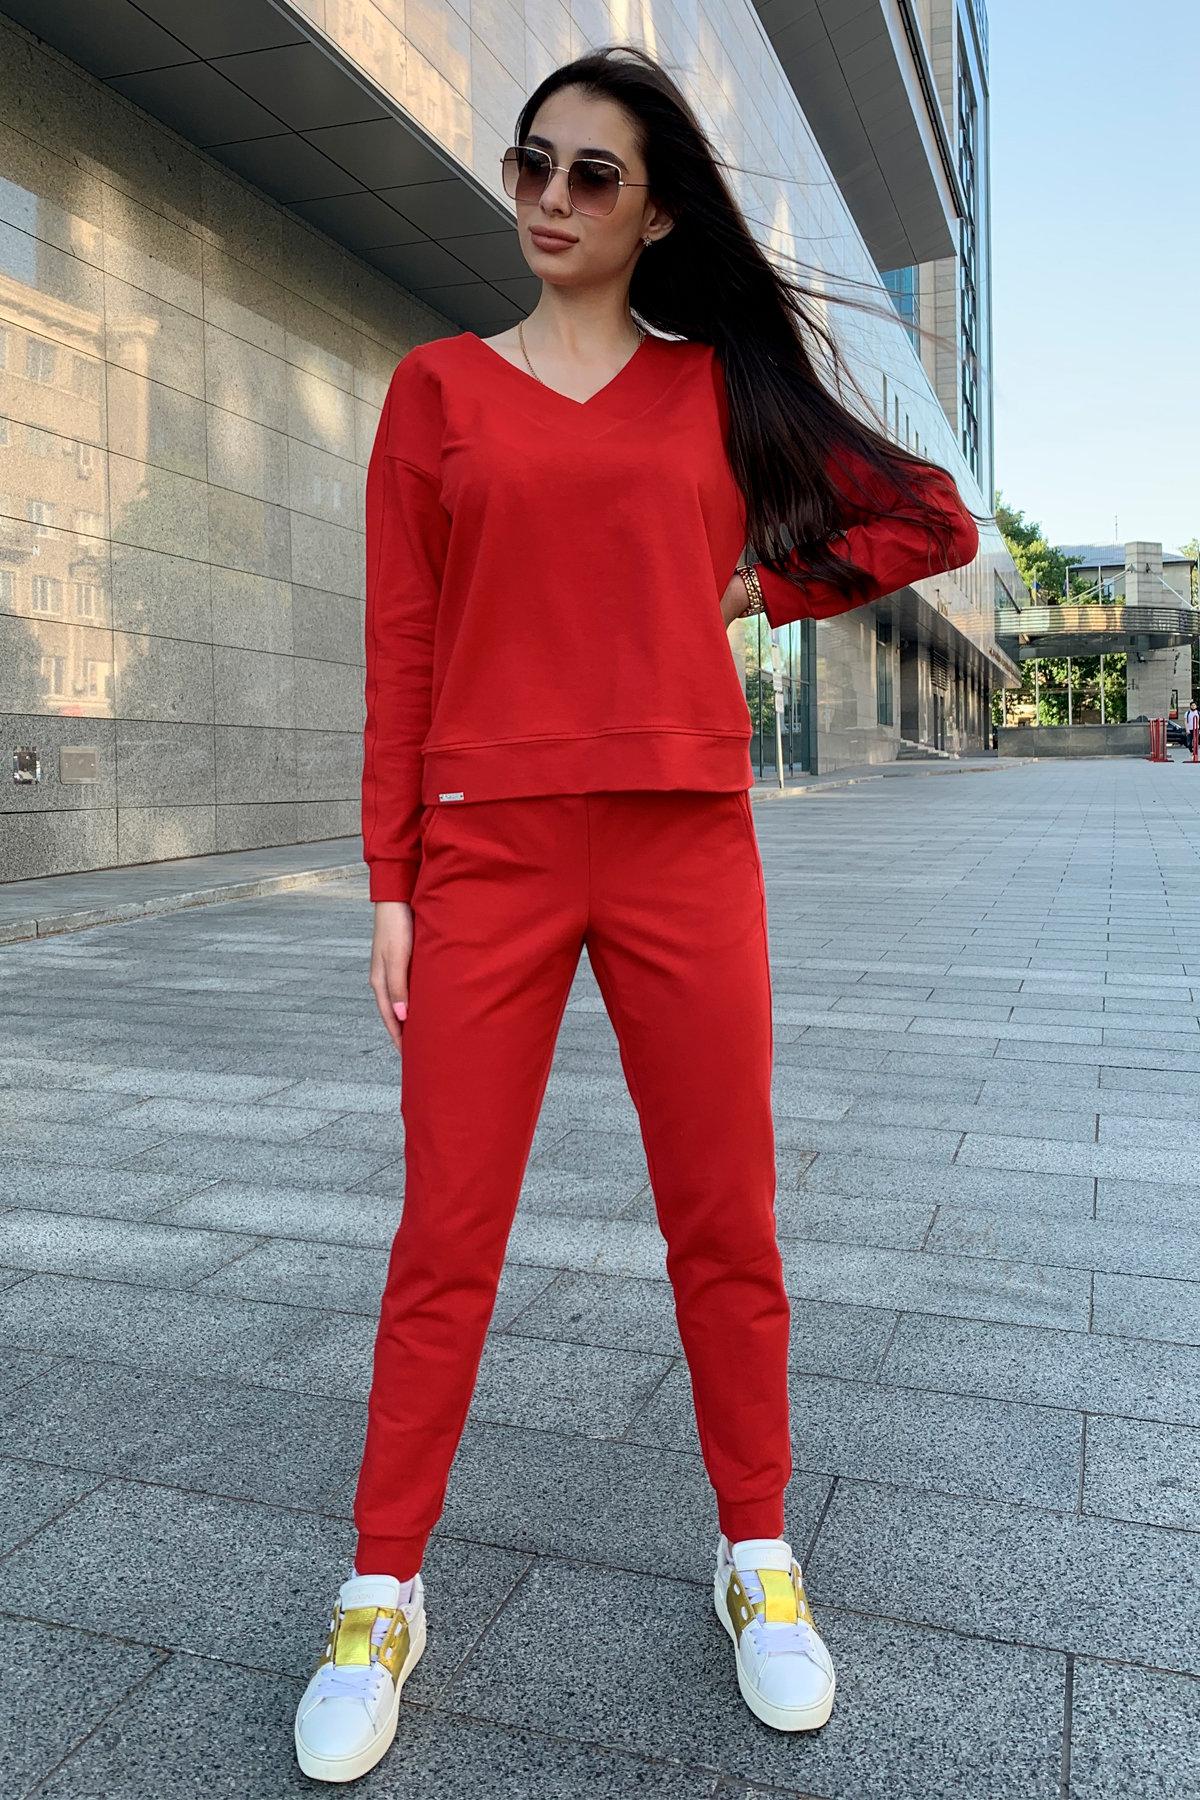 Костюм Стай 9342 АРТ. 45693 Цвет: Красный - фото 4, интернет магазин tm-modus.ru